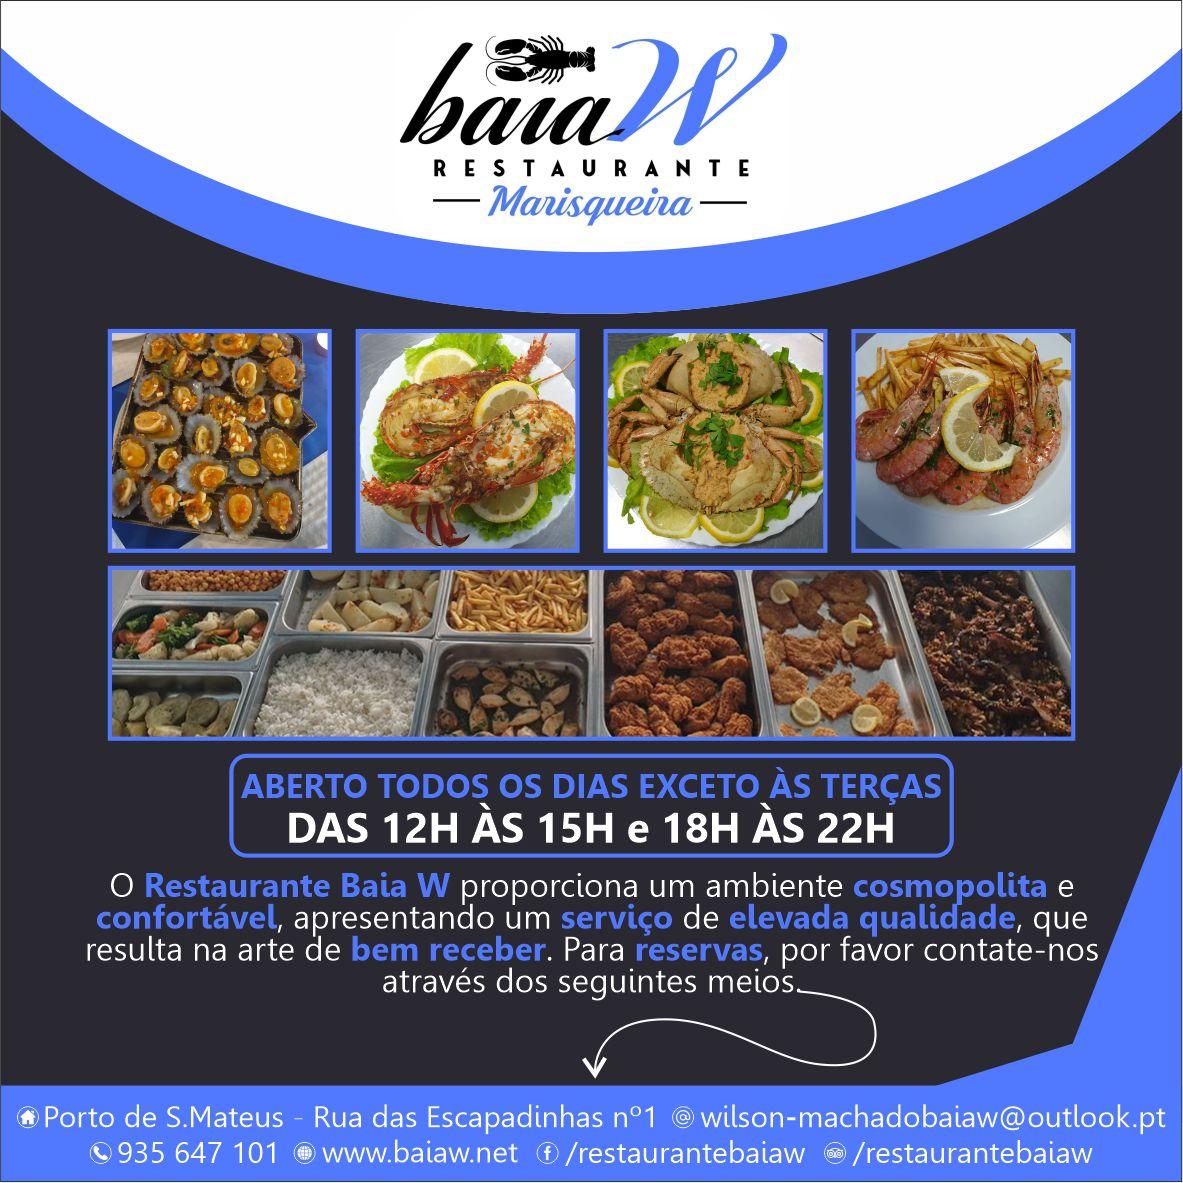 Restaurante Baia W